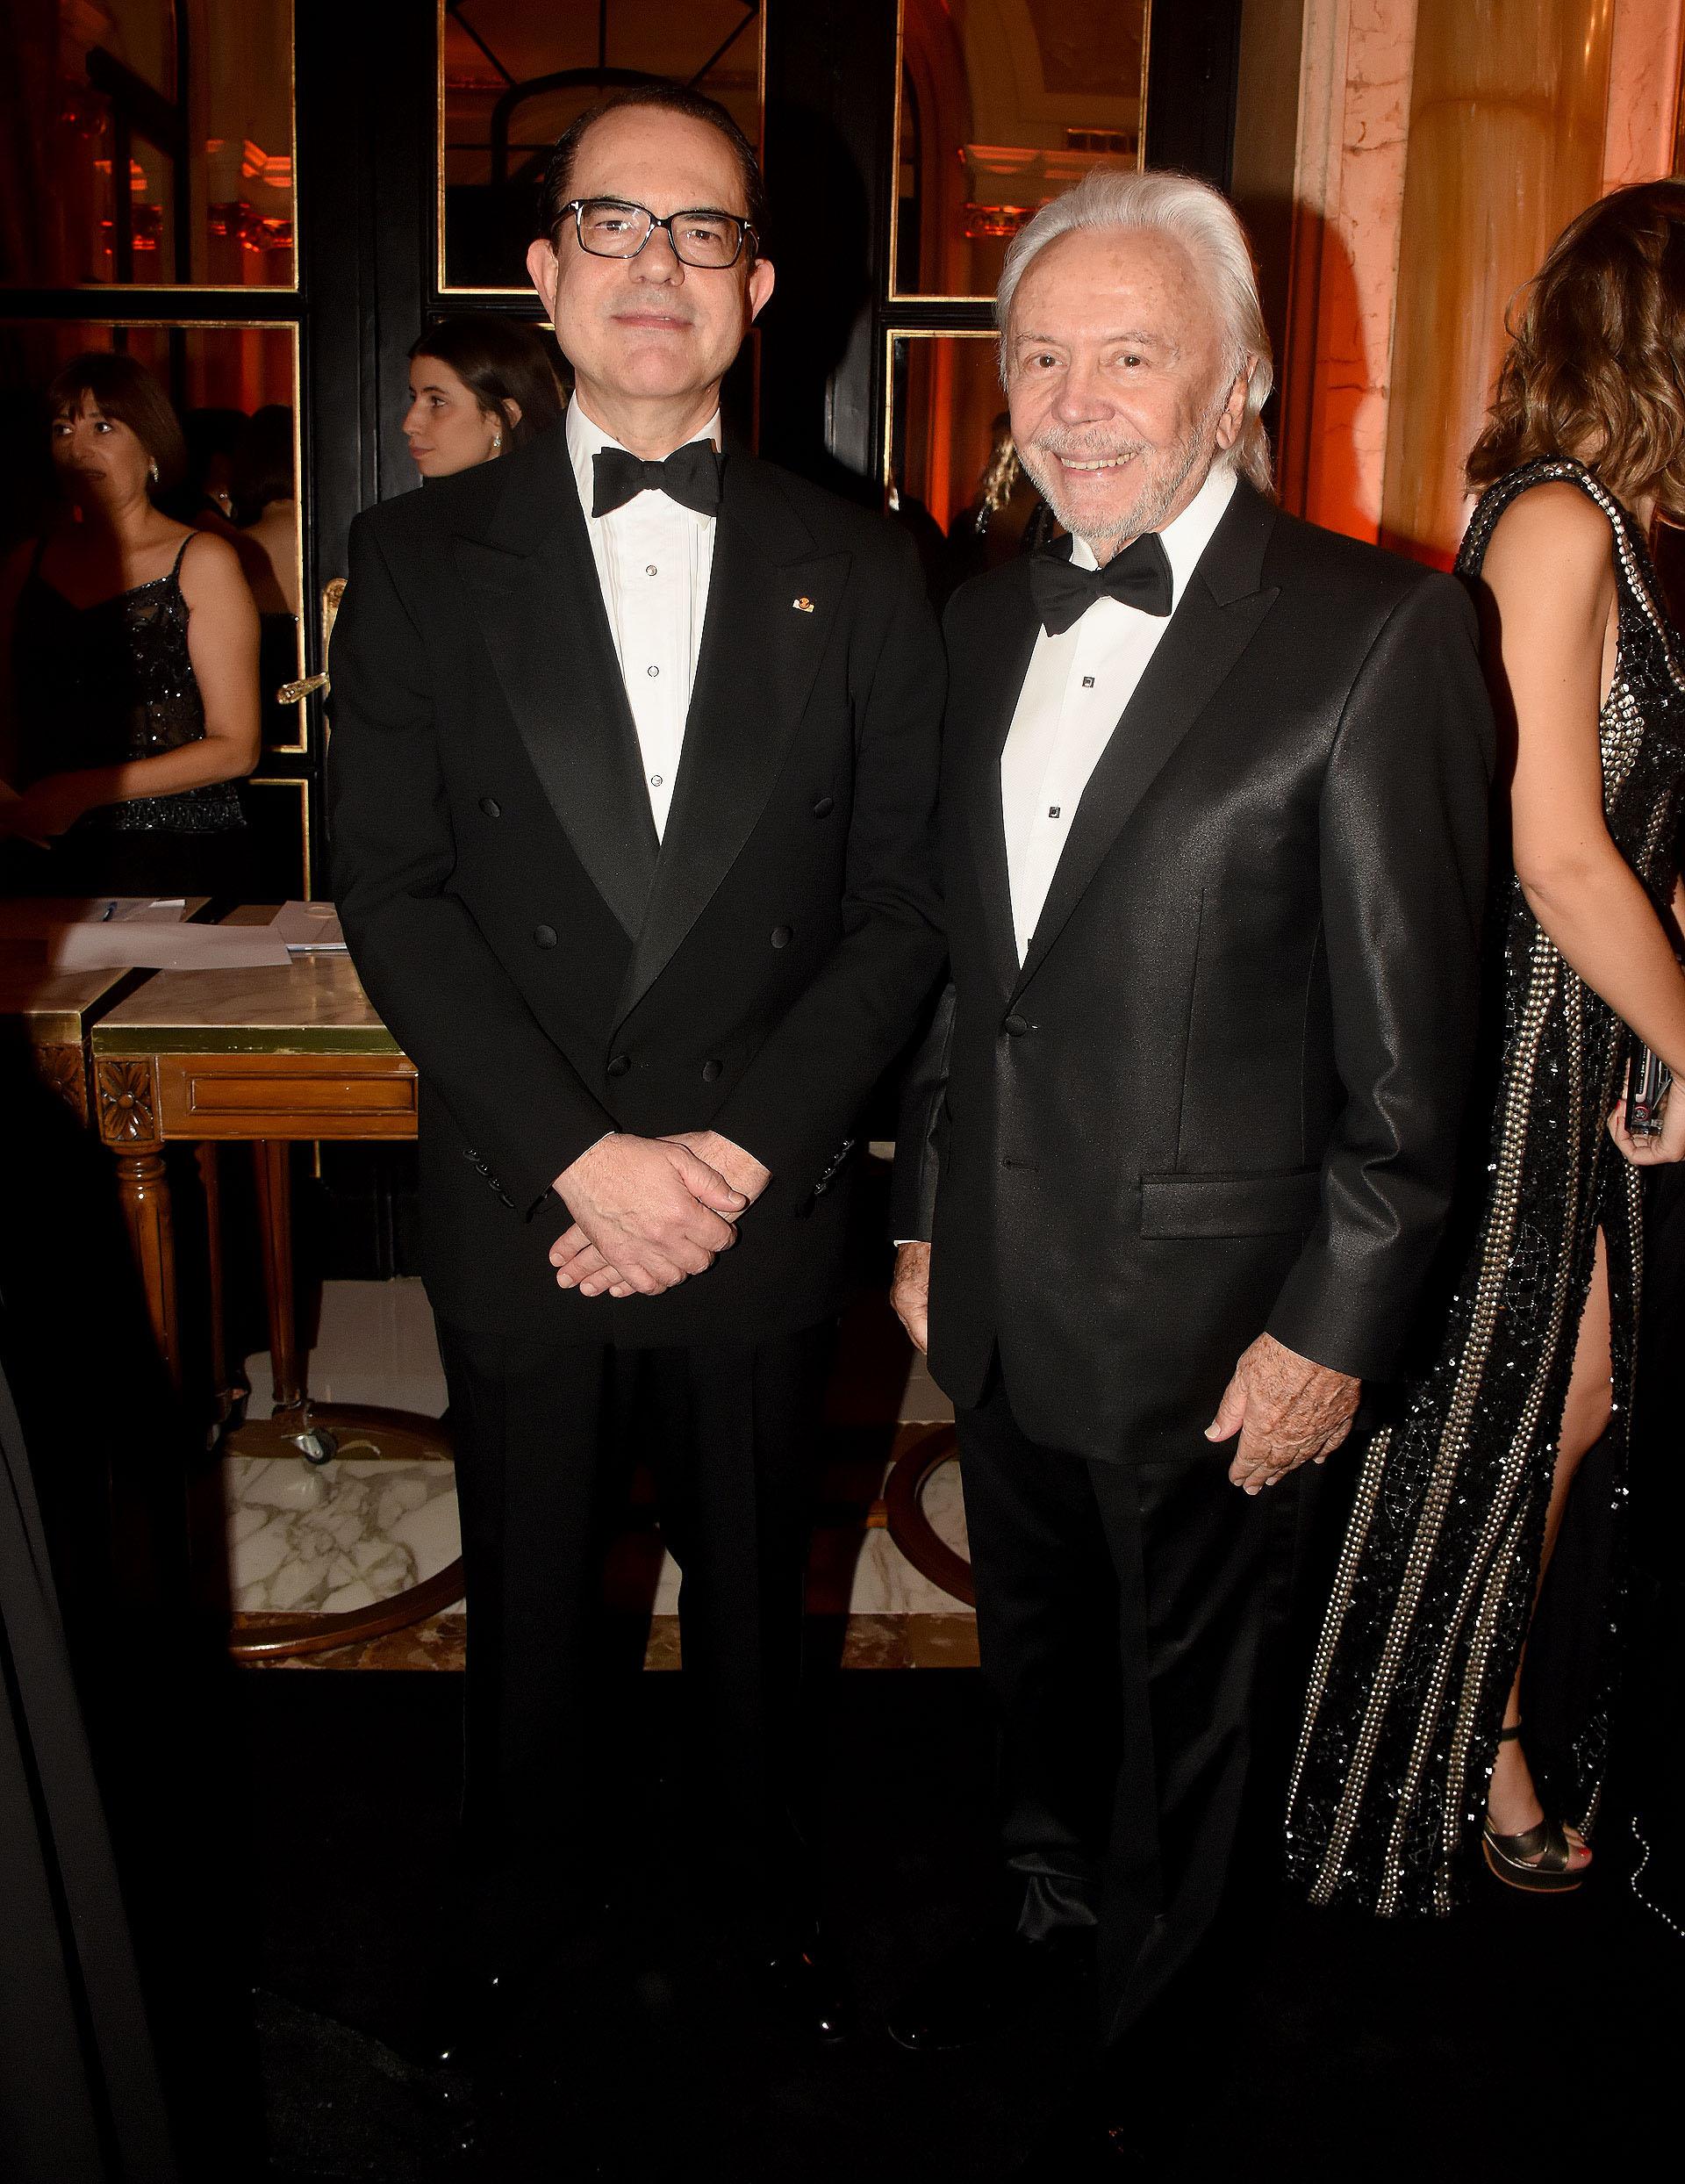 El embajador de Grecia en la Argentina, Dimitrios Zevelakis, y Guido Parisier